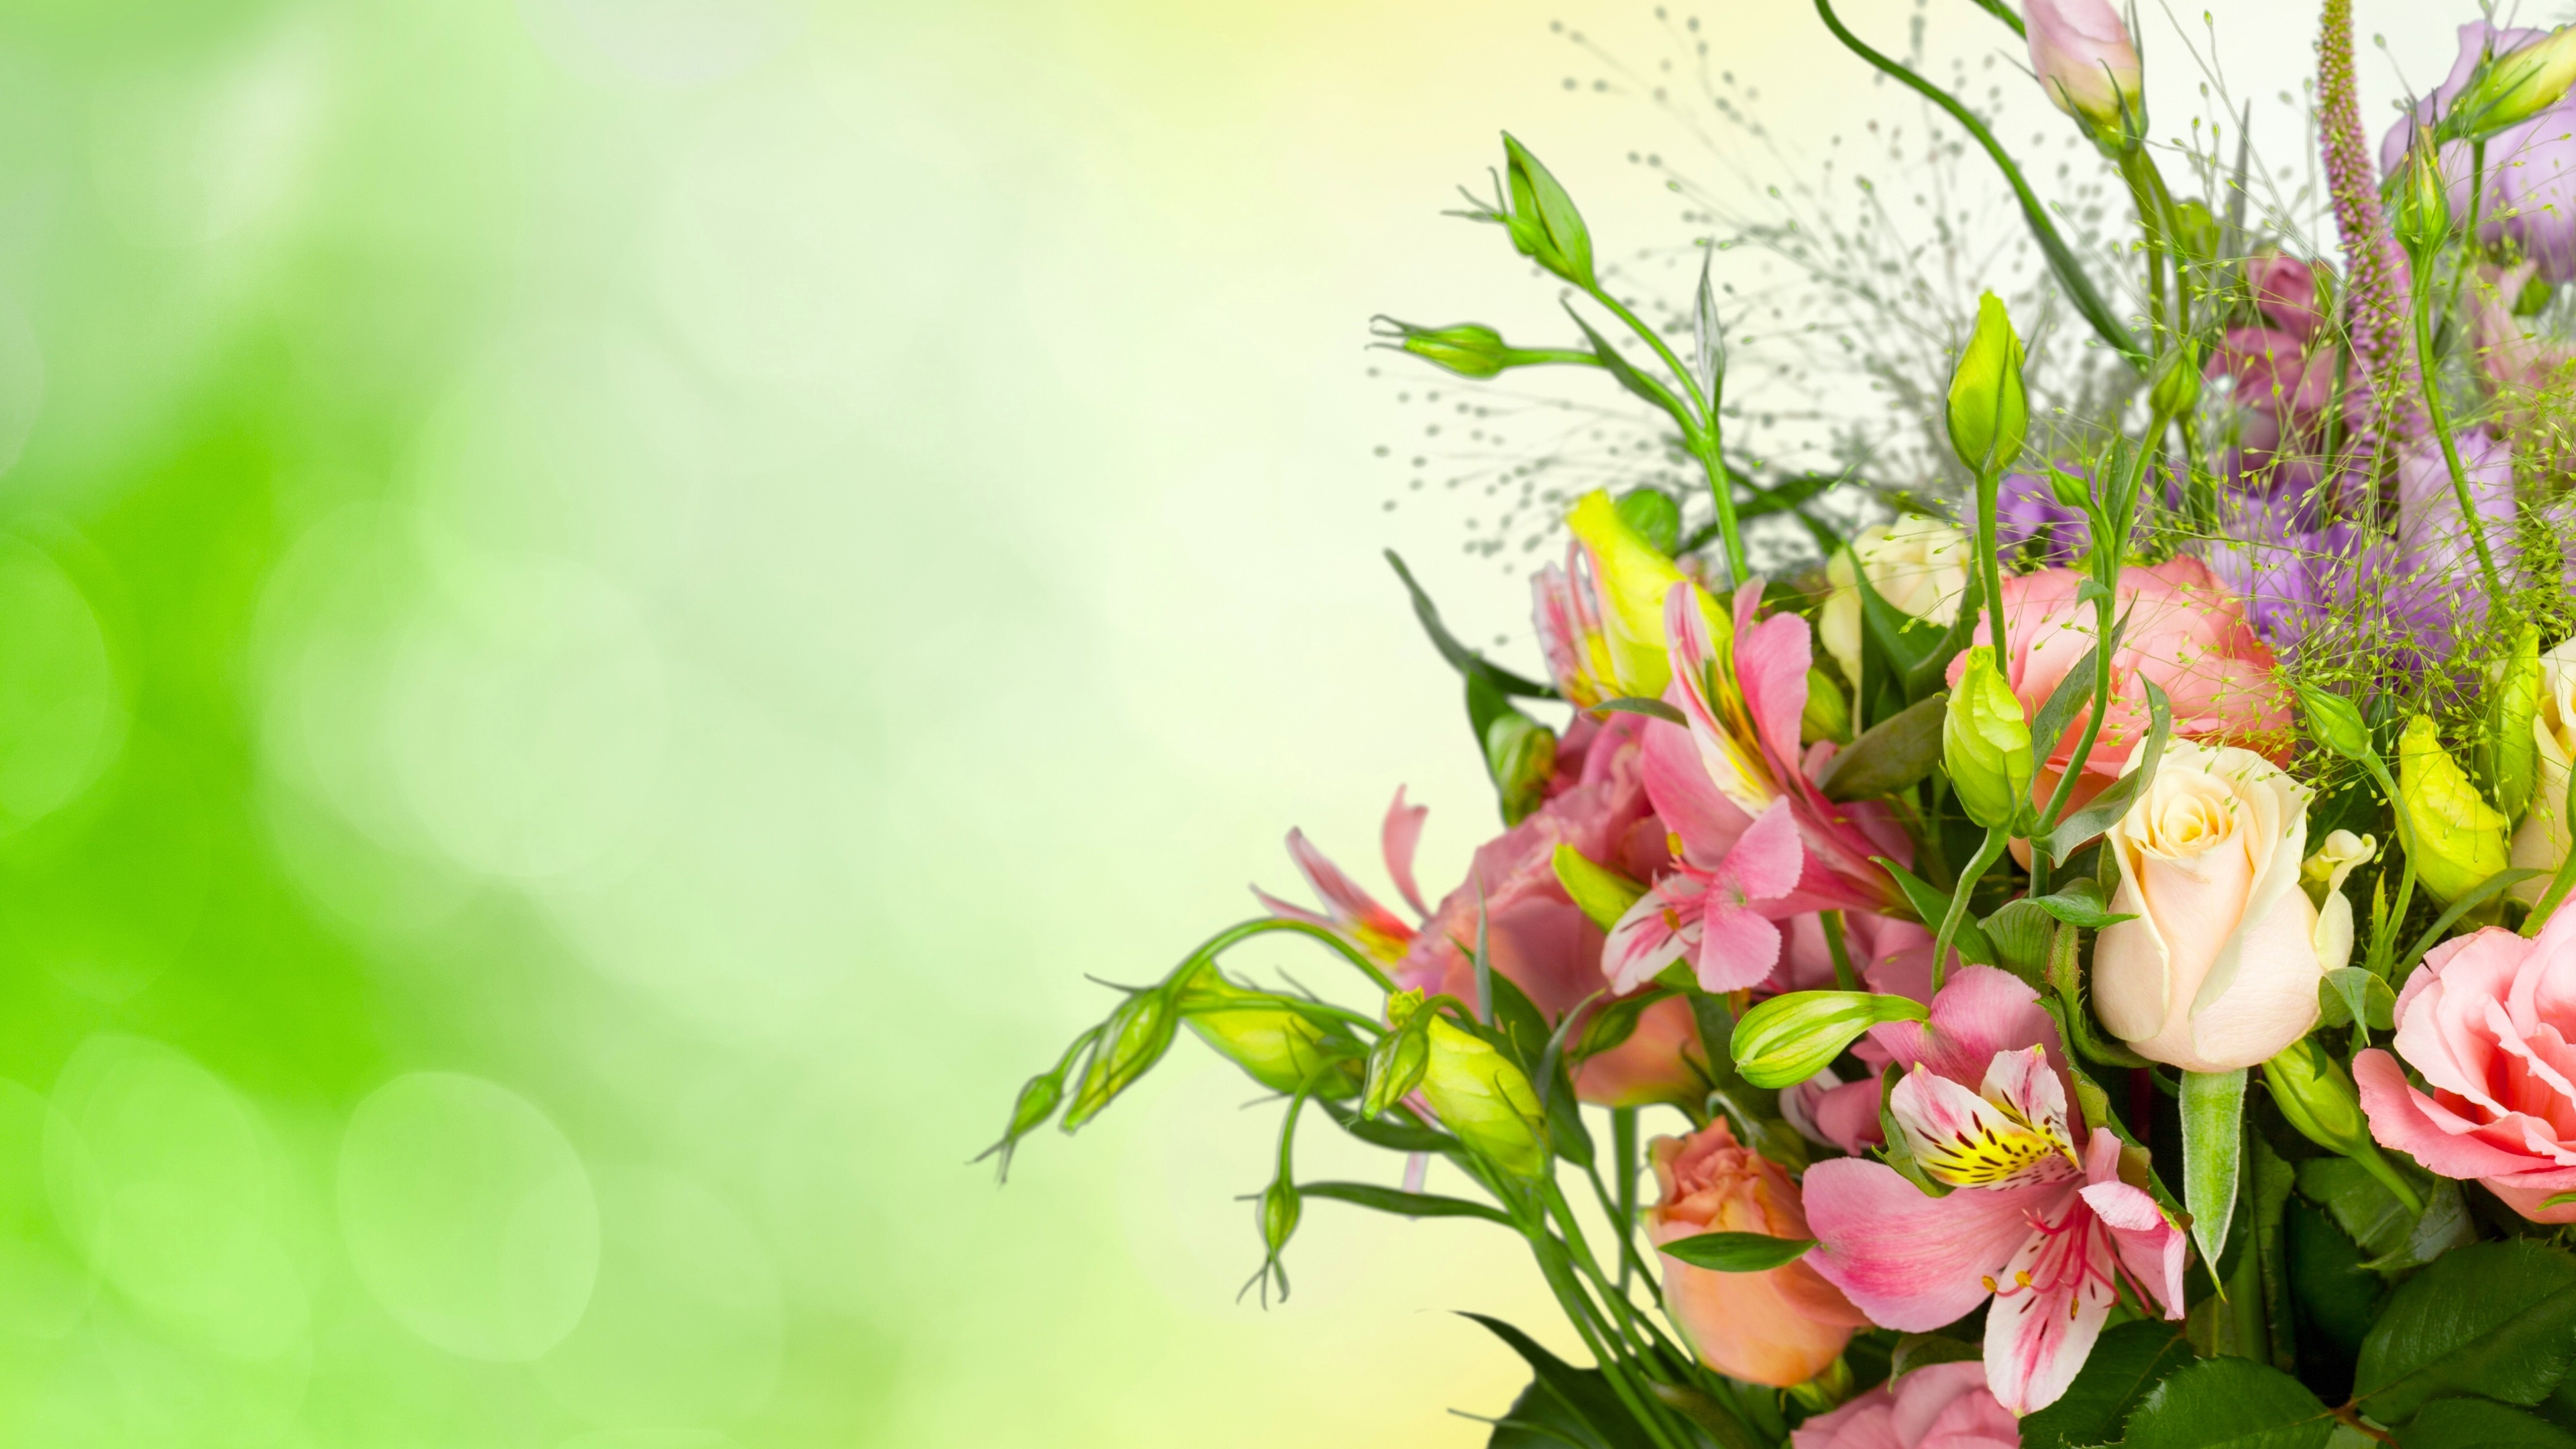 Fondo De Pantalla Flores Rosas: Fondos De Pantalla Rosas, Eustoma, Ramo, Flores, Fondo